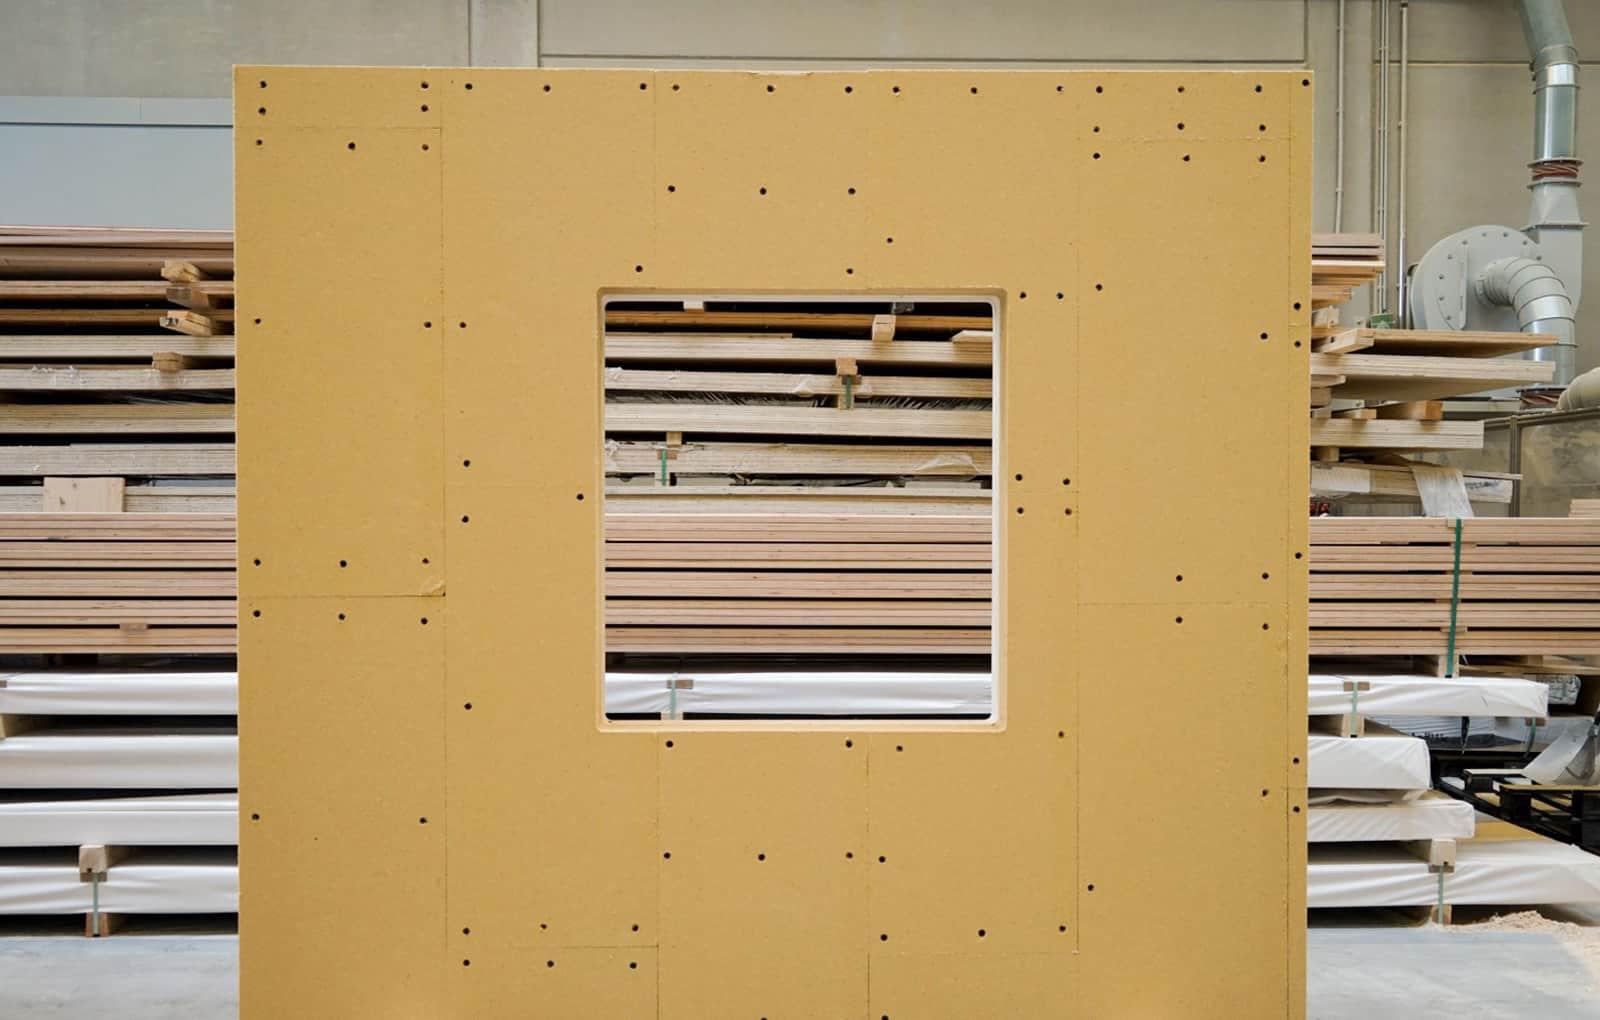 Wanelement Vorderseite ohne Fenster